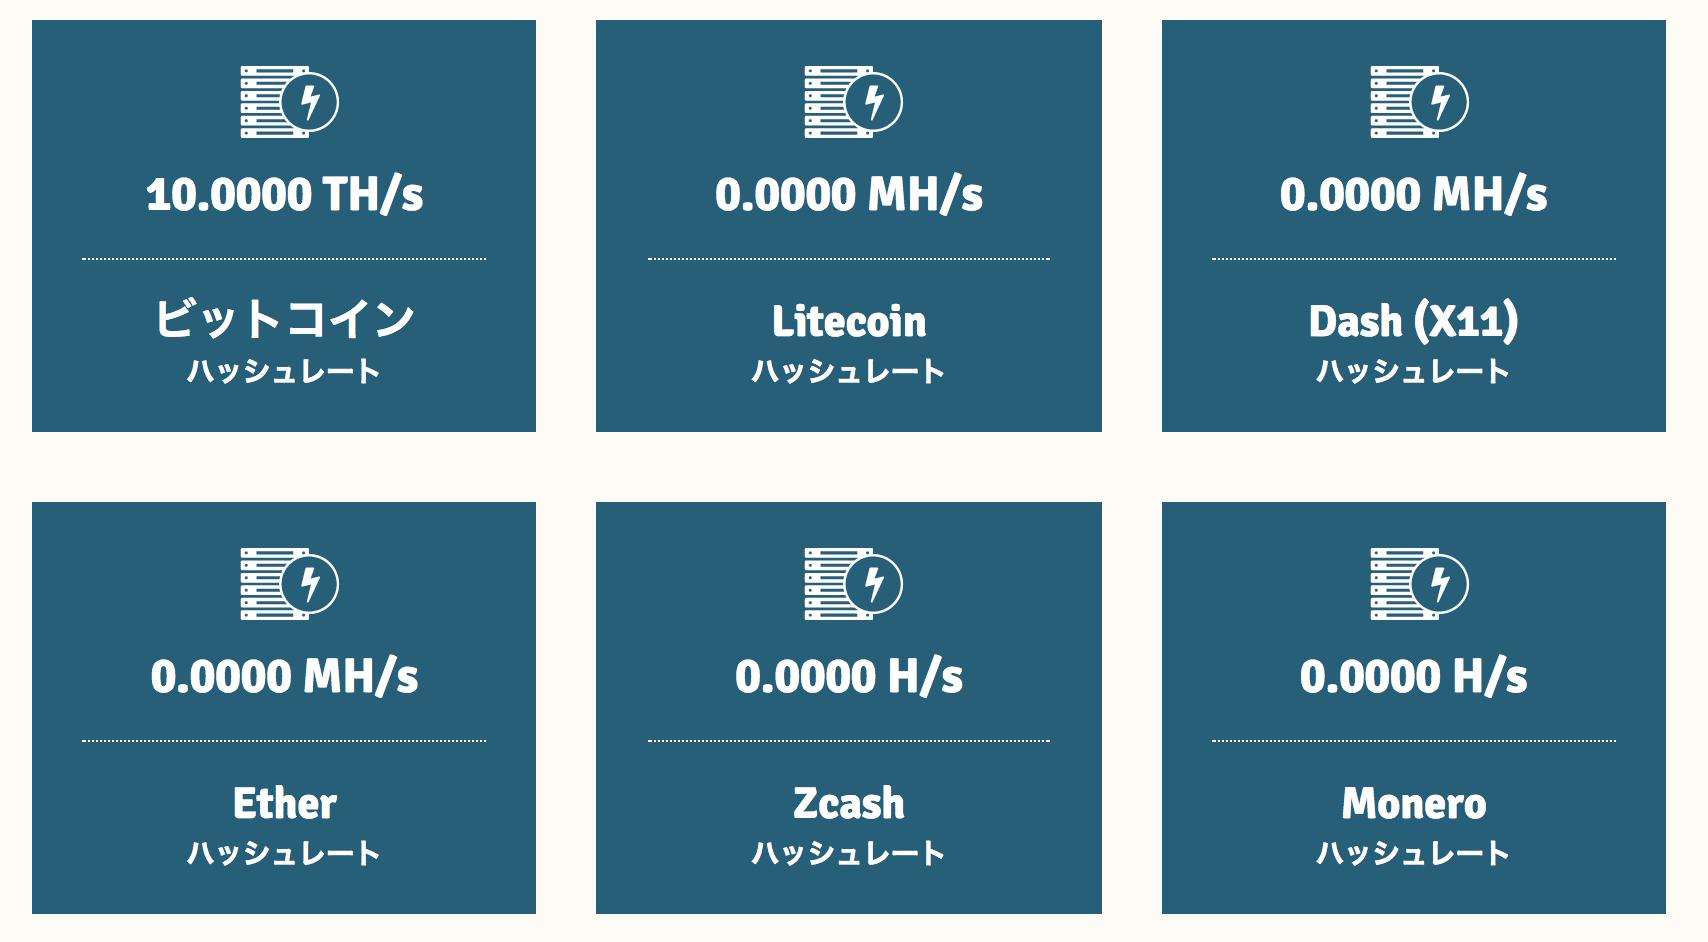 ビットコイン(BTC)のクラウドマイニング申込完了。GenesisMiningで20万円の元を取る!